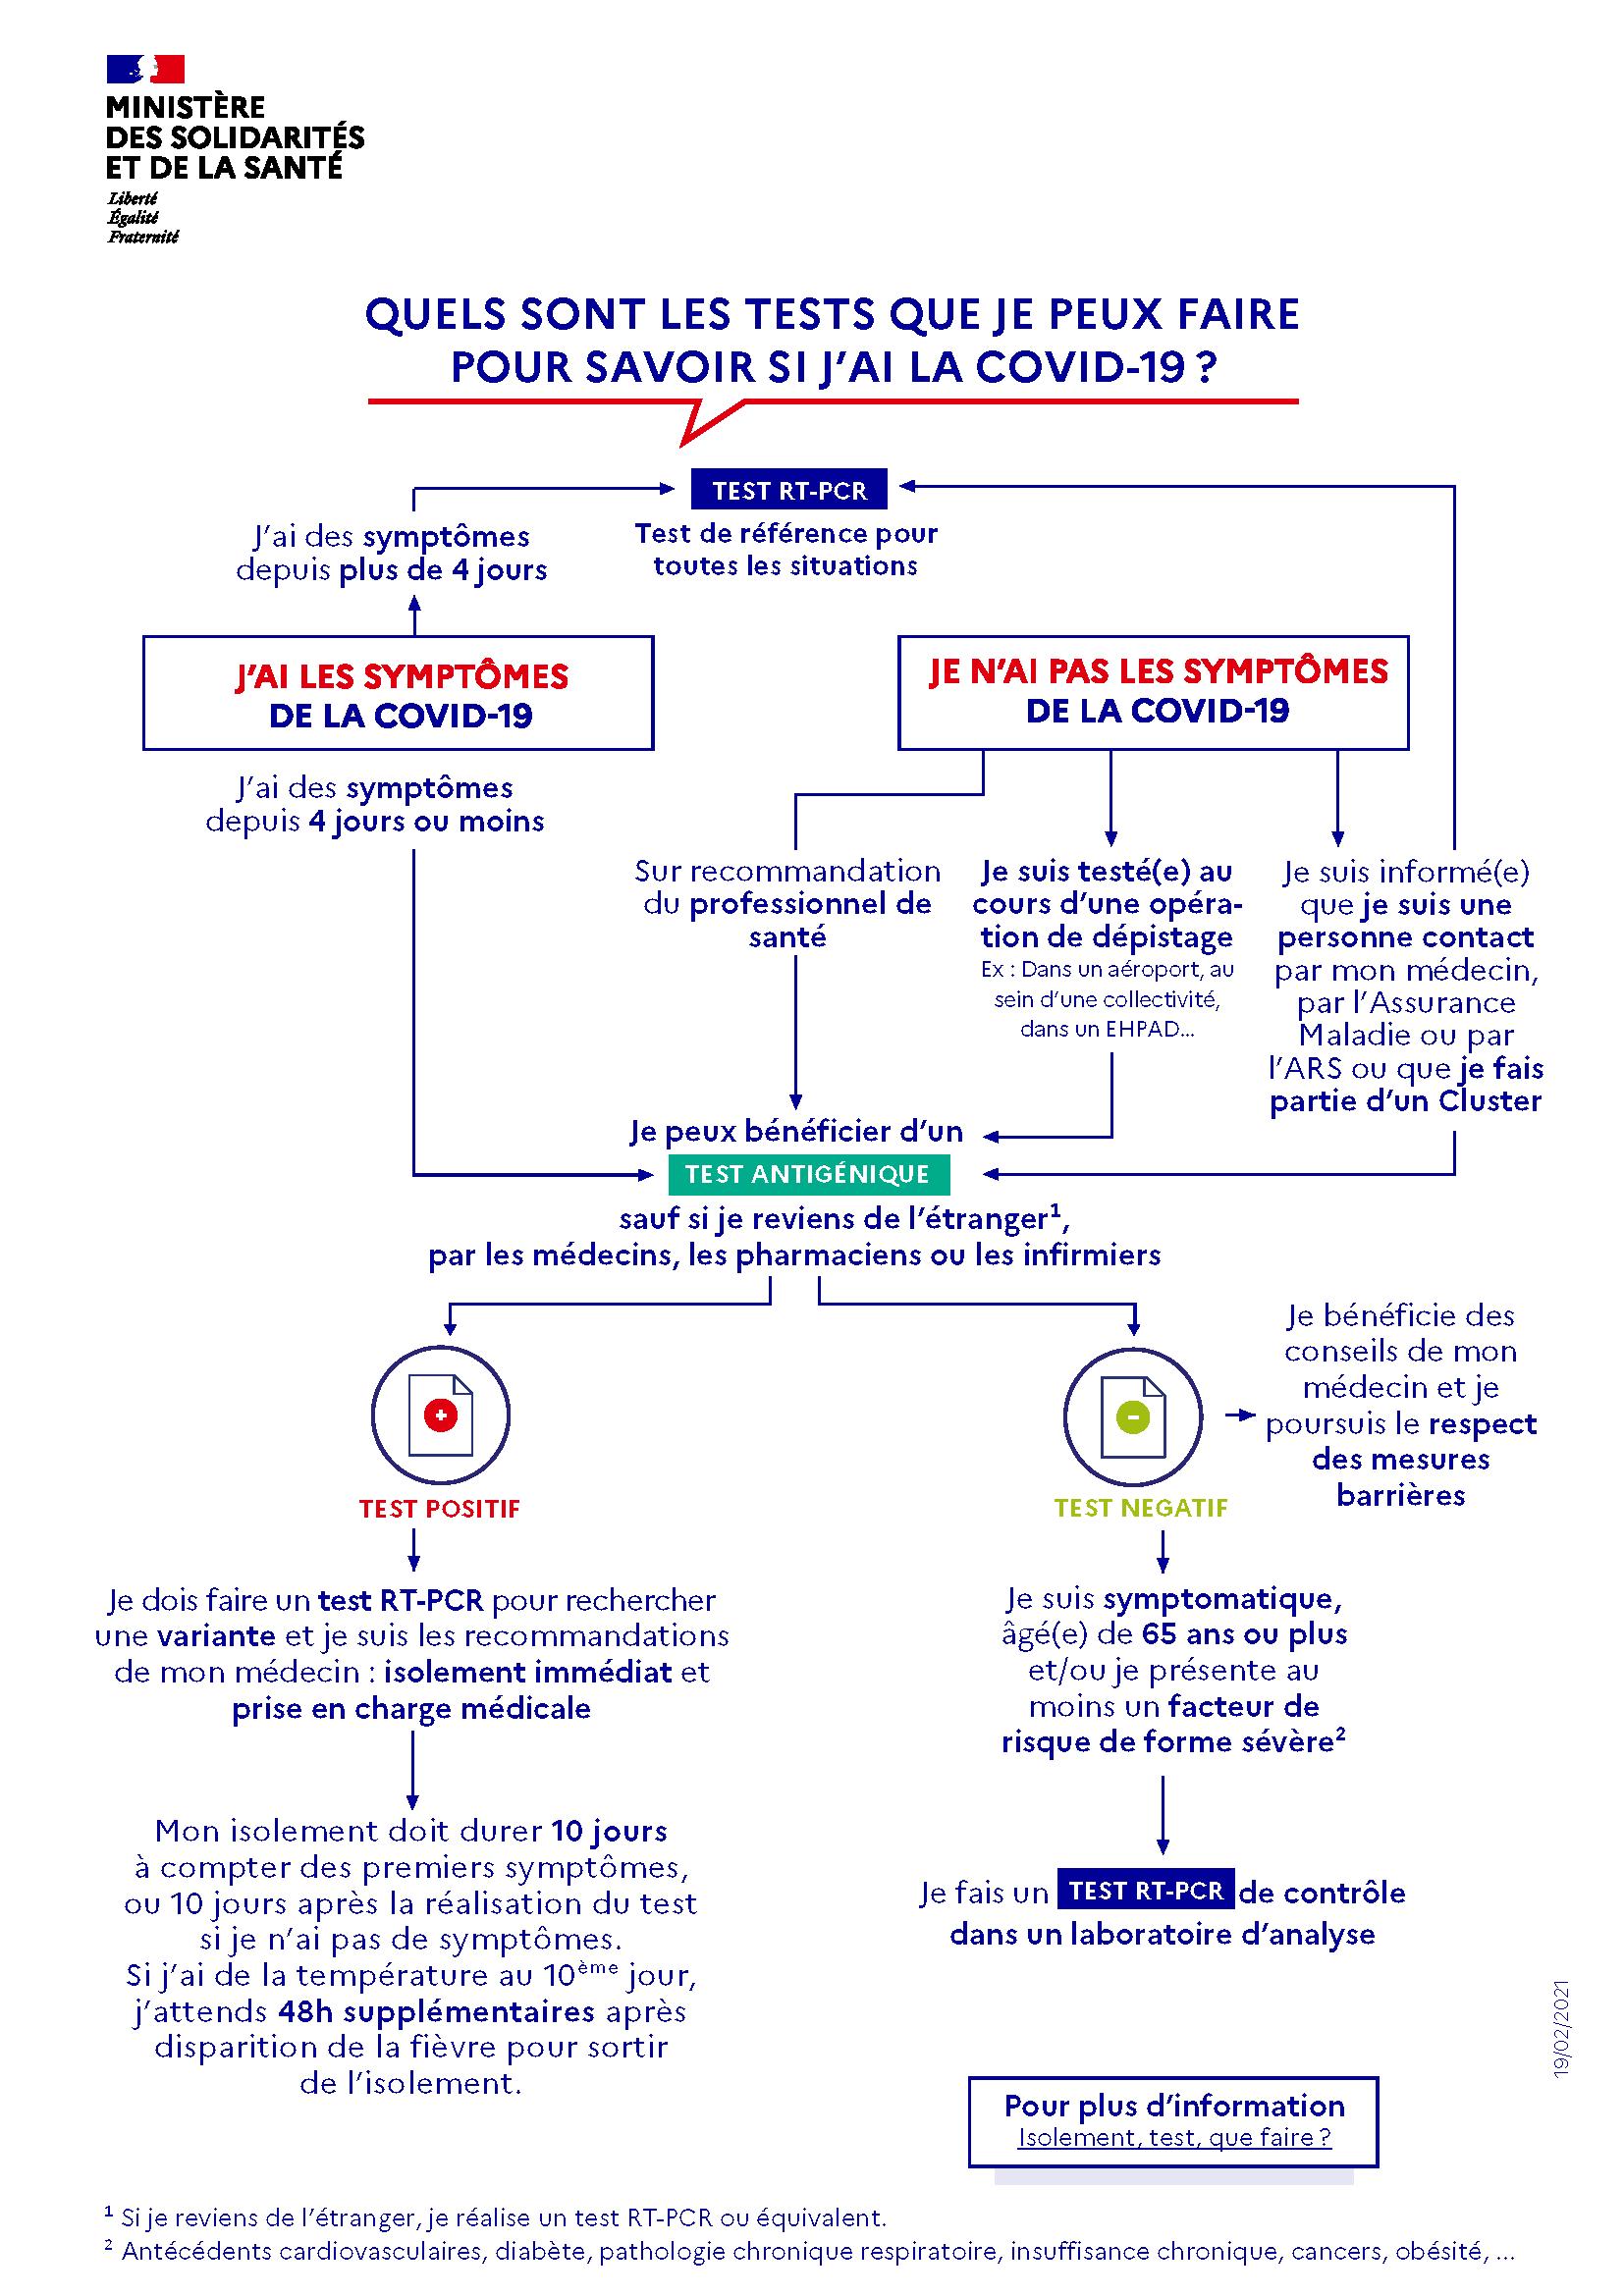 Infographie quels sont les tests que je peux faire pour la COVID-19